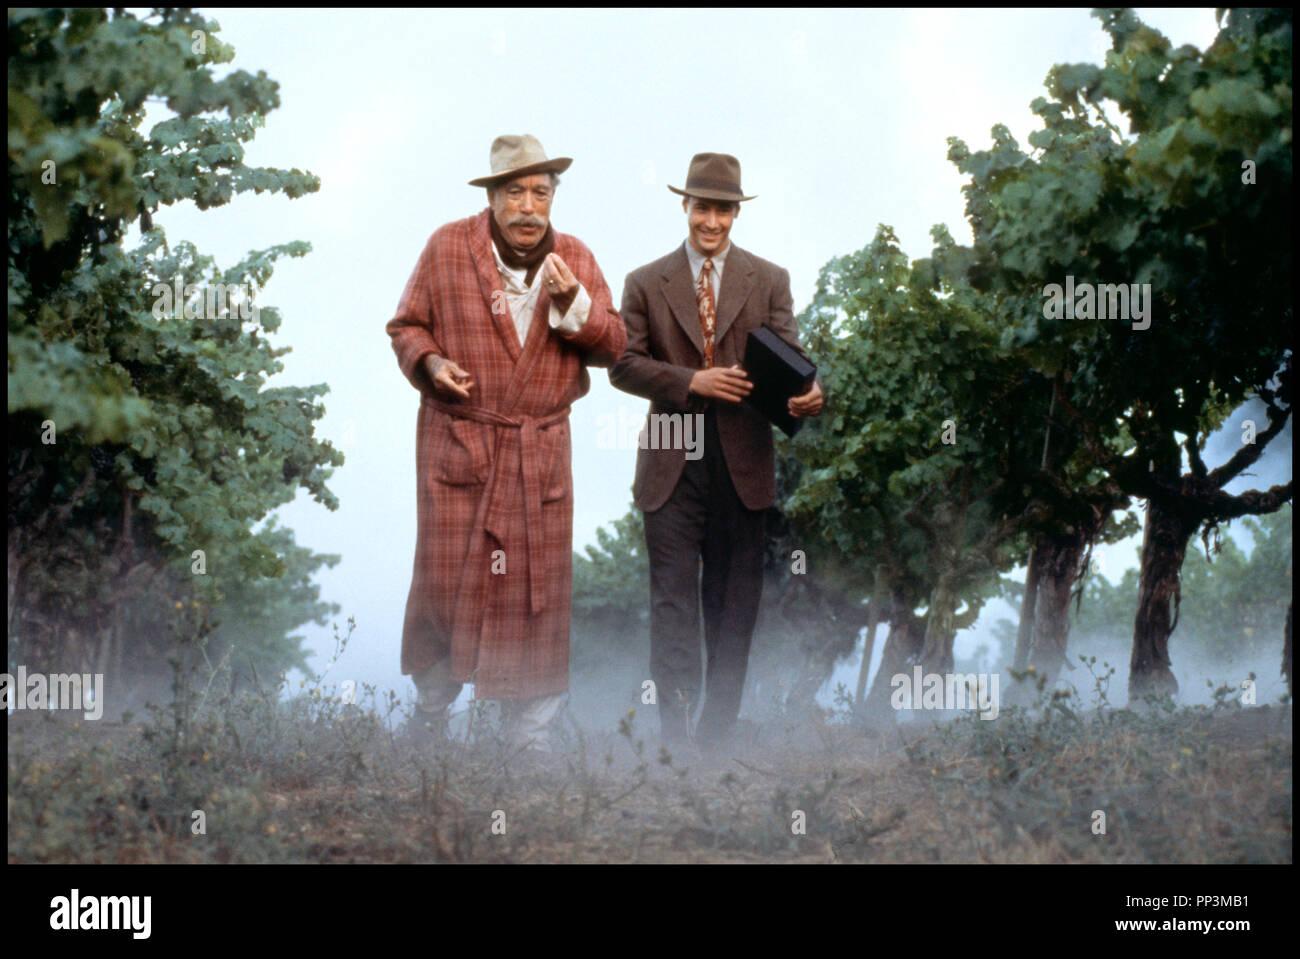 Prod DB © 20th Century Fox / DR LES VENDANGES DE FEU (A WALK IN THE CLOUDS) de Alfonso Arau 1995 USA avec Anthony Quinn et Keanu Reeves brume, promenade, pere et fils, robe de chambre, vignes - Stock Image